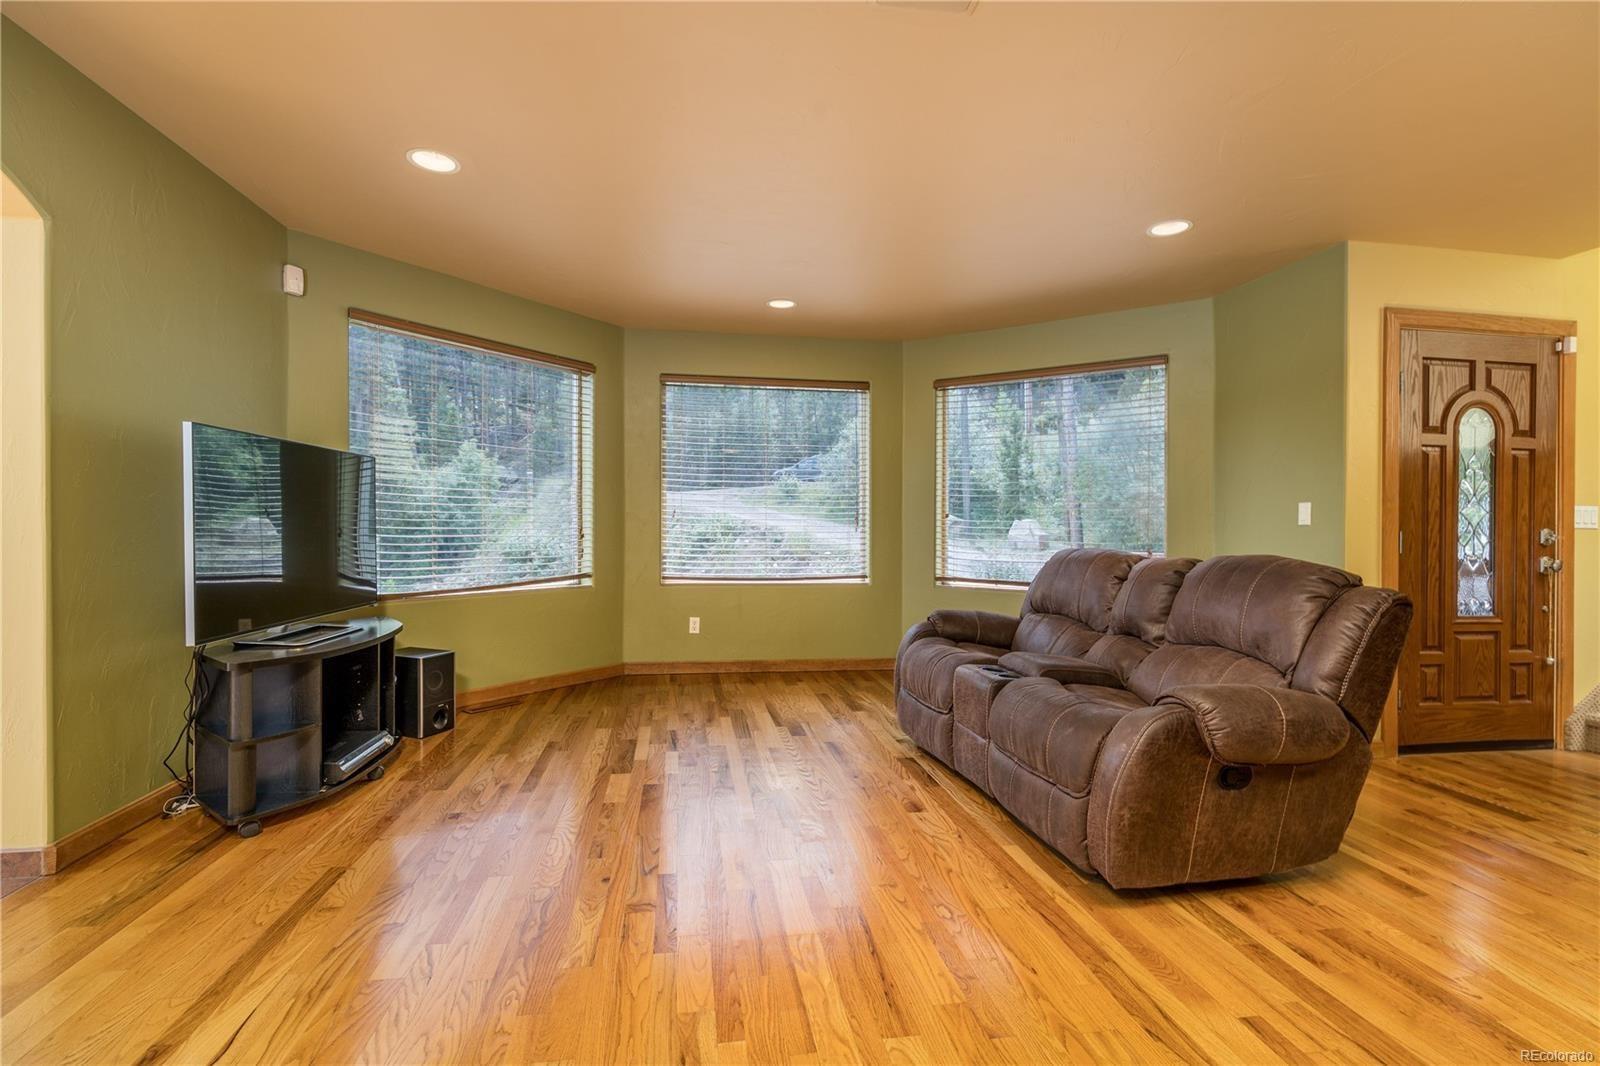 MLS# 2657267 - 4 - 11933 Coal Creek Heights Drive, Golden, CO 80403